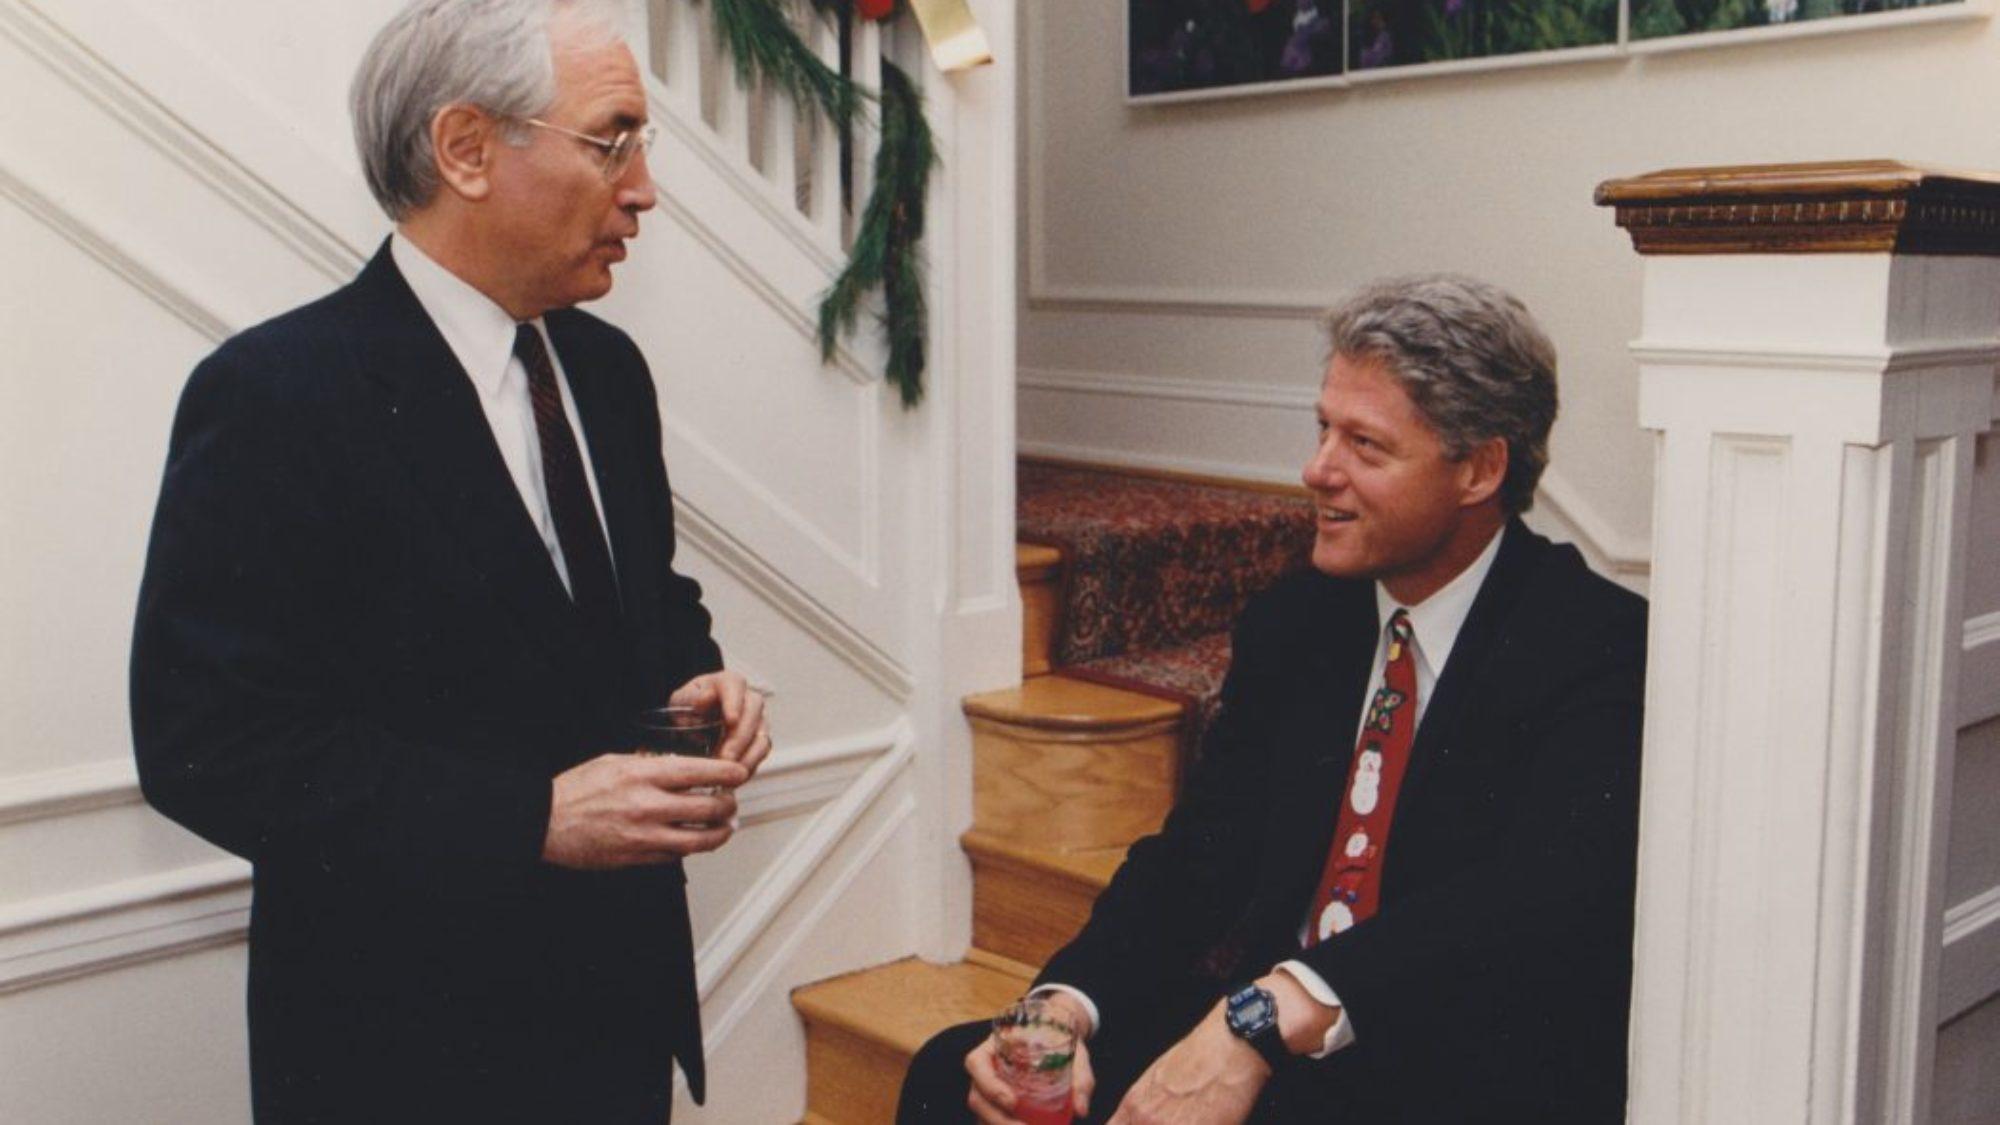 Phillip Verveer and Bill Clinton